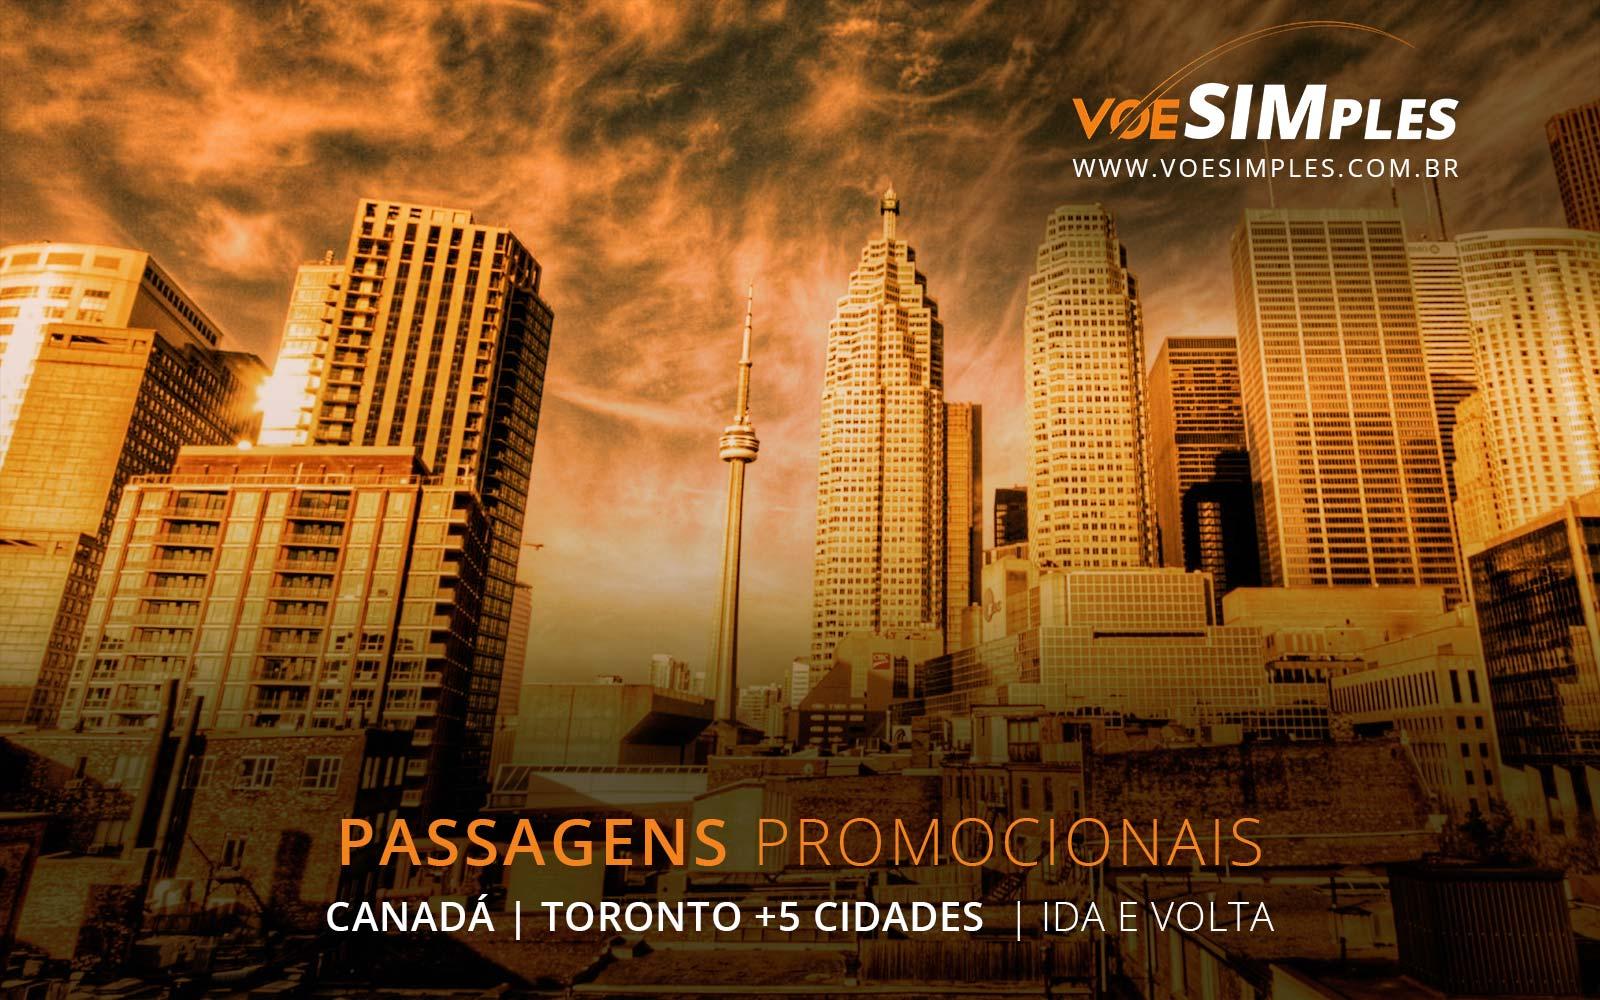 Promoção de passagens aéreas para Toronto, Vancouver, Montreal, Quebec, Ottawa e Calgary no Canadá